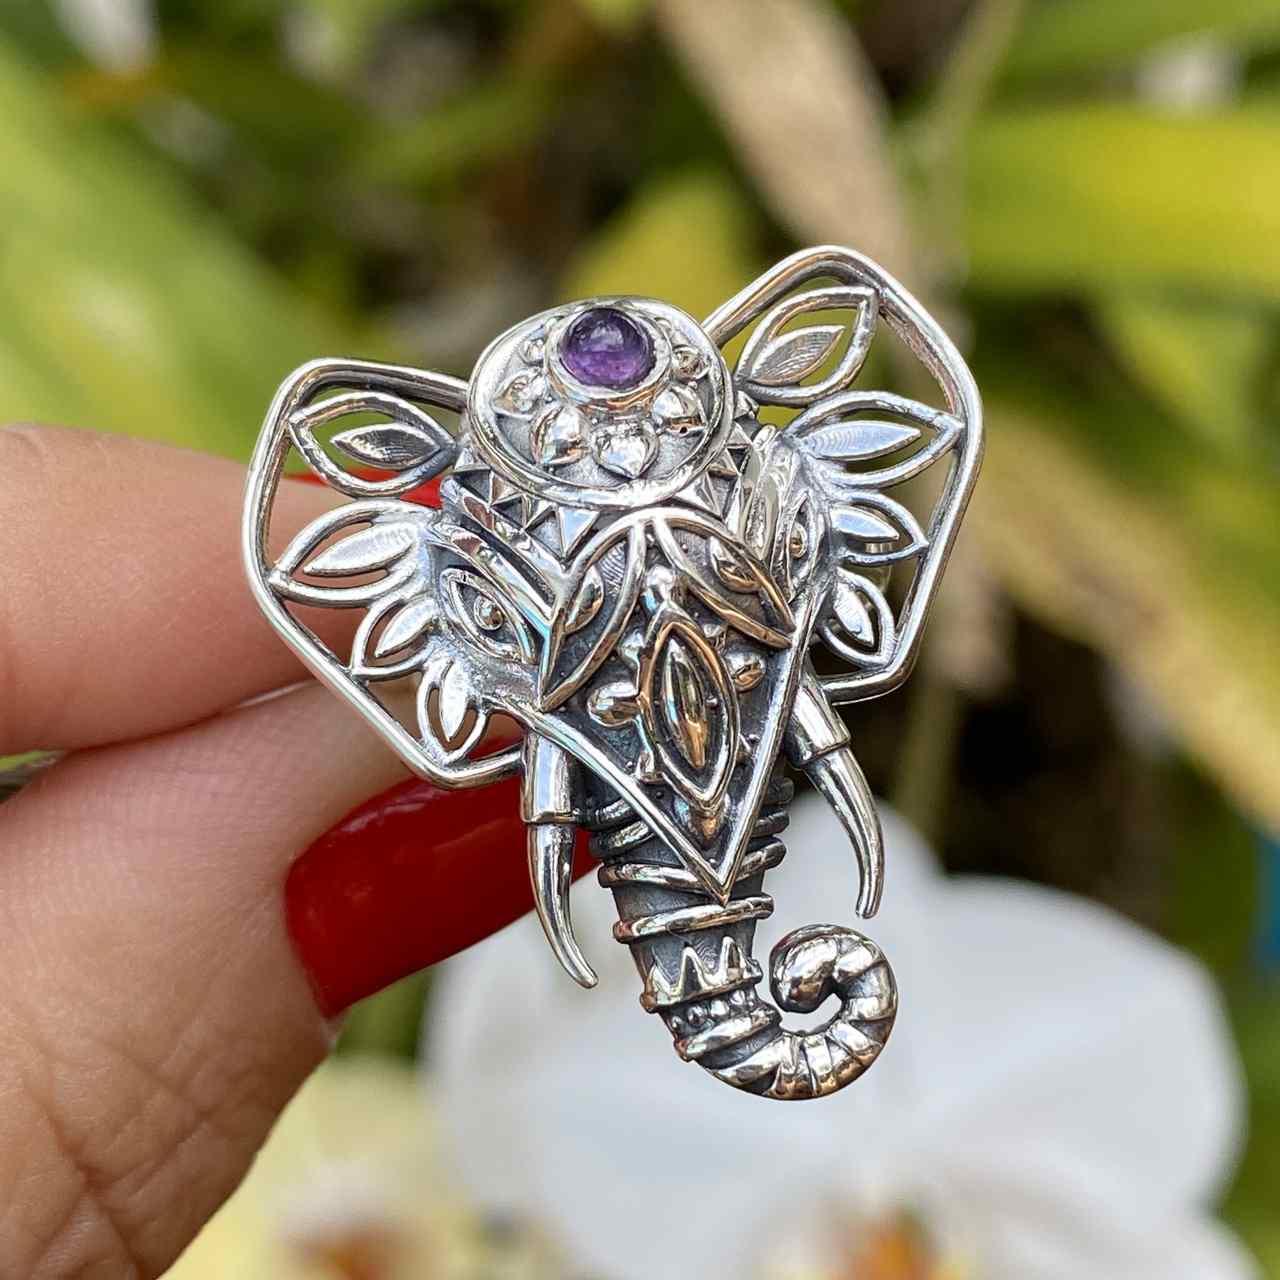 Anel de Prata 925 Cabeça de Elefante Ametista Trabalhado